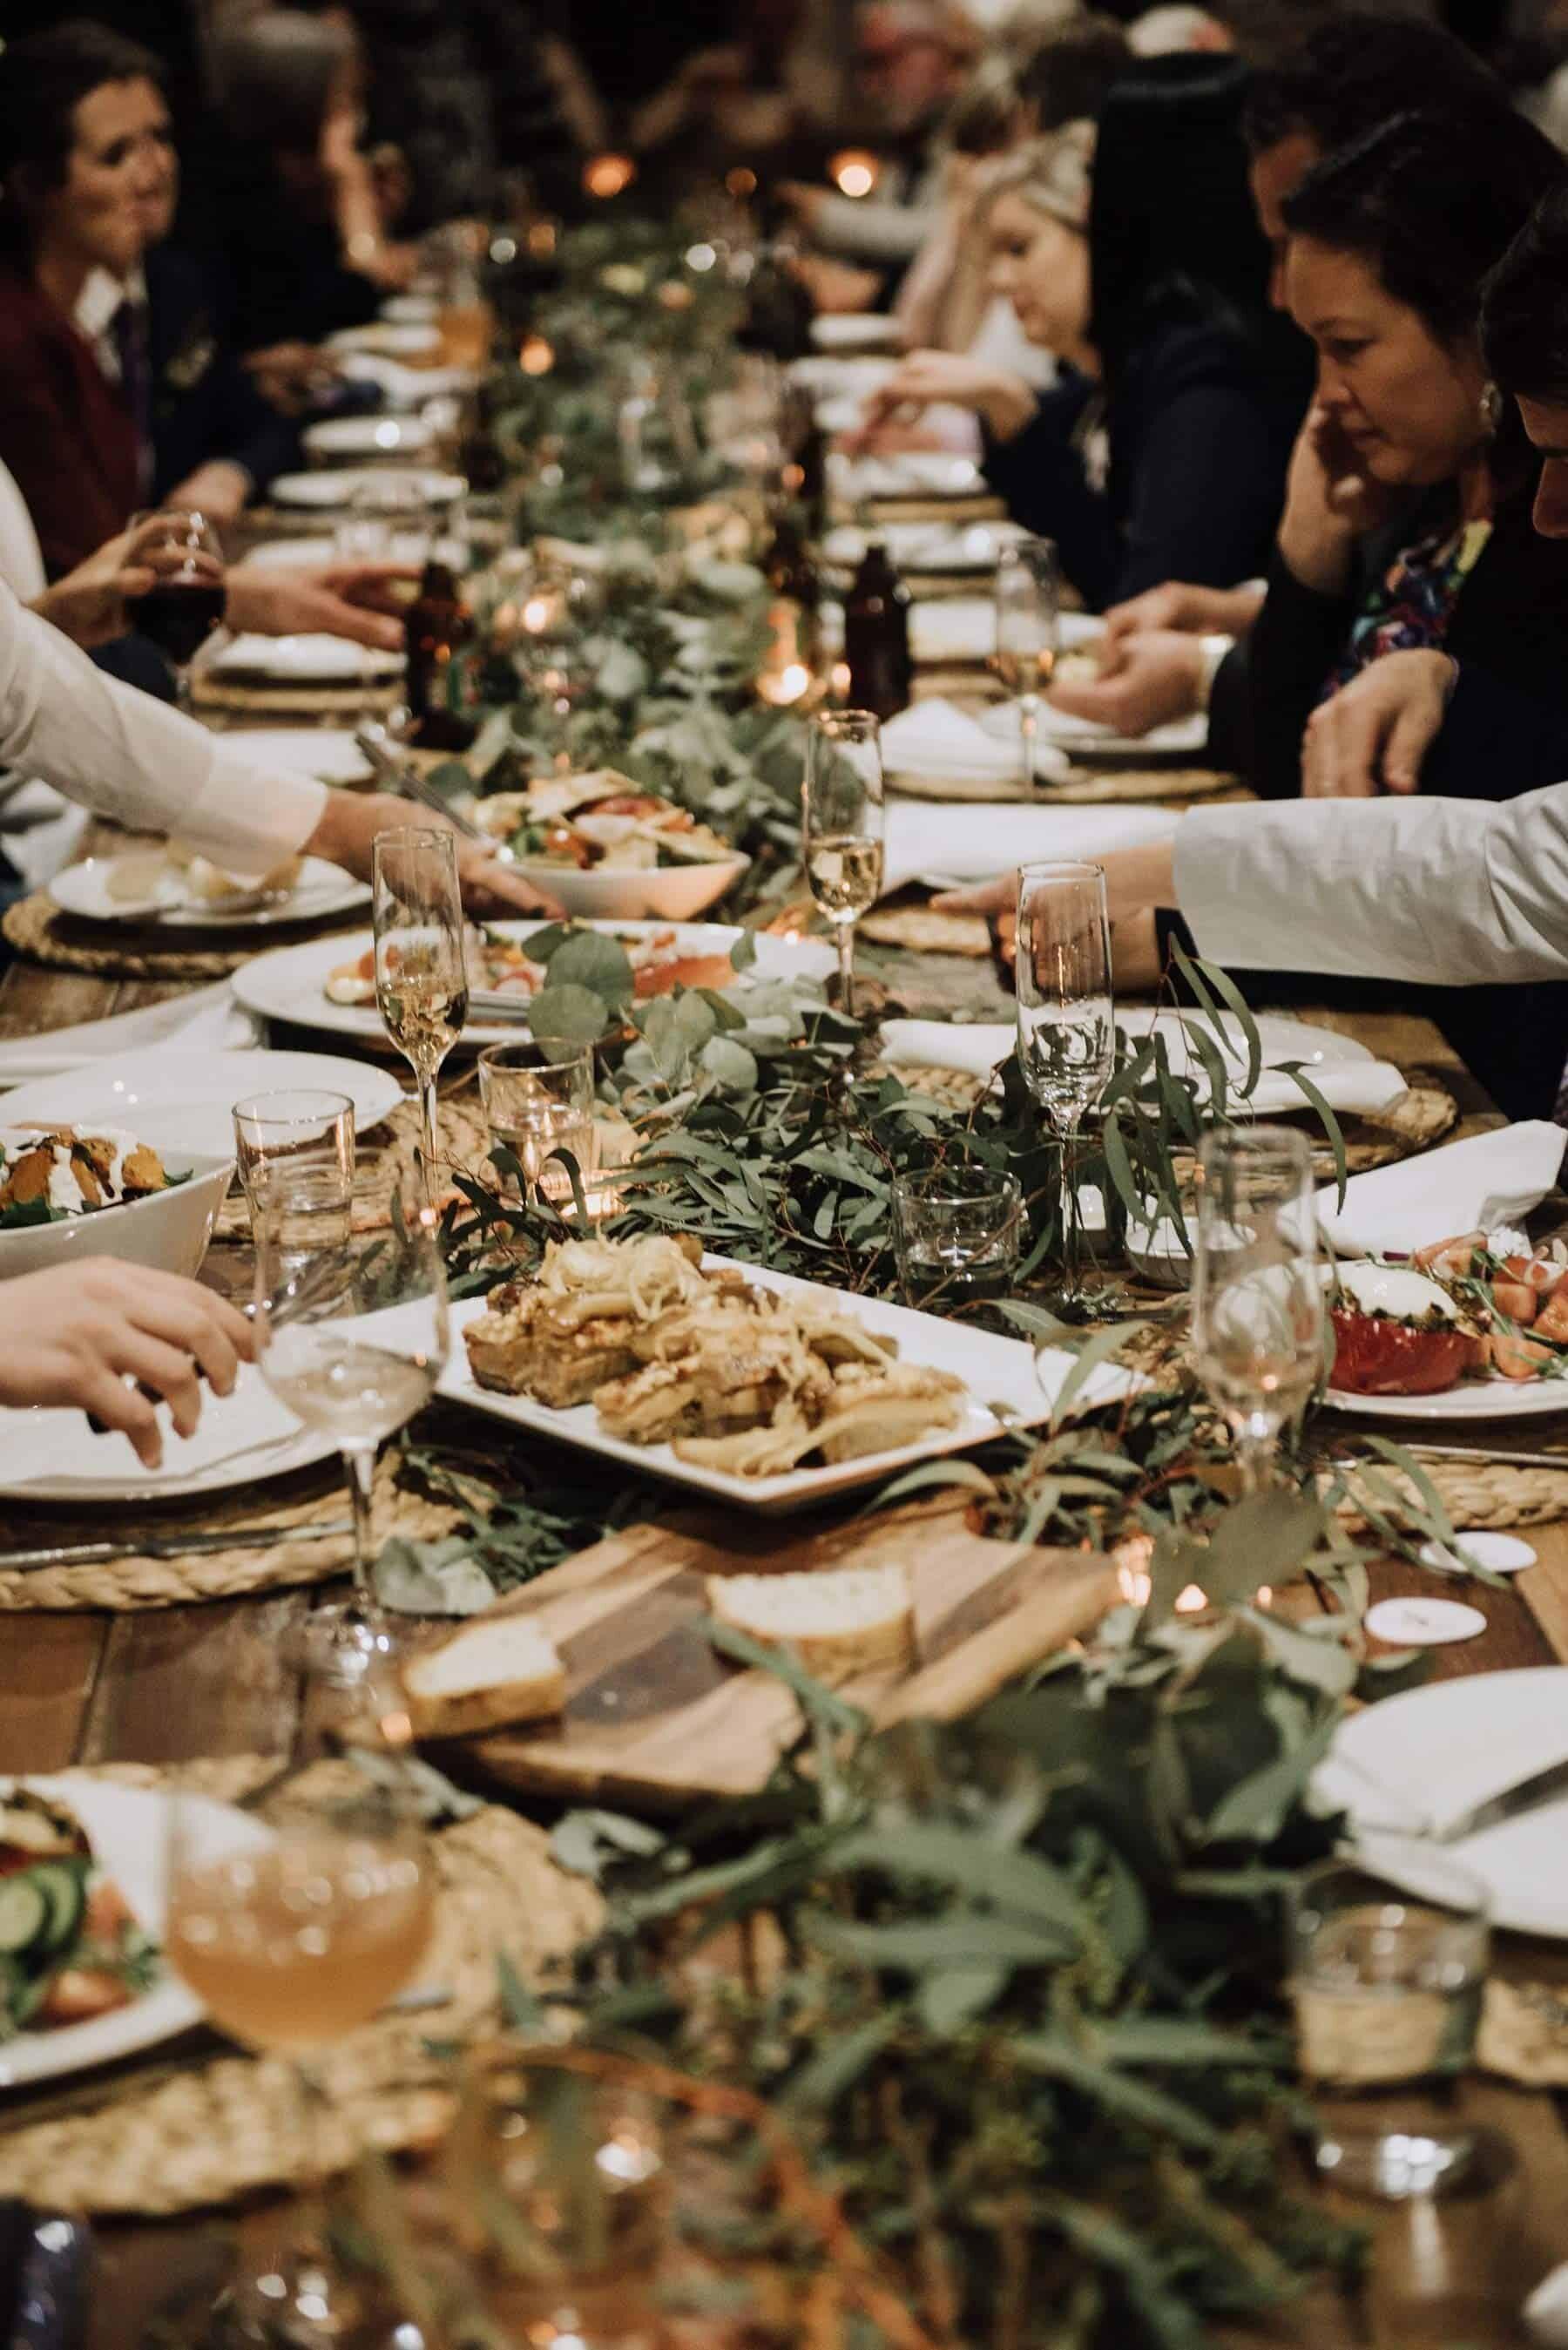 share plates for wedding dinner